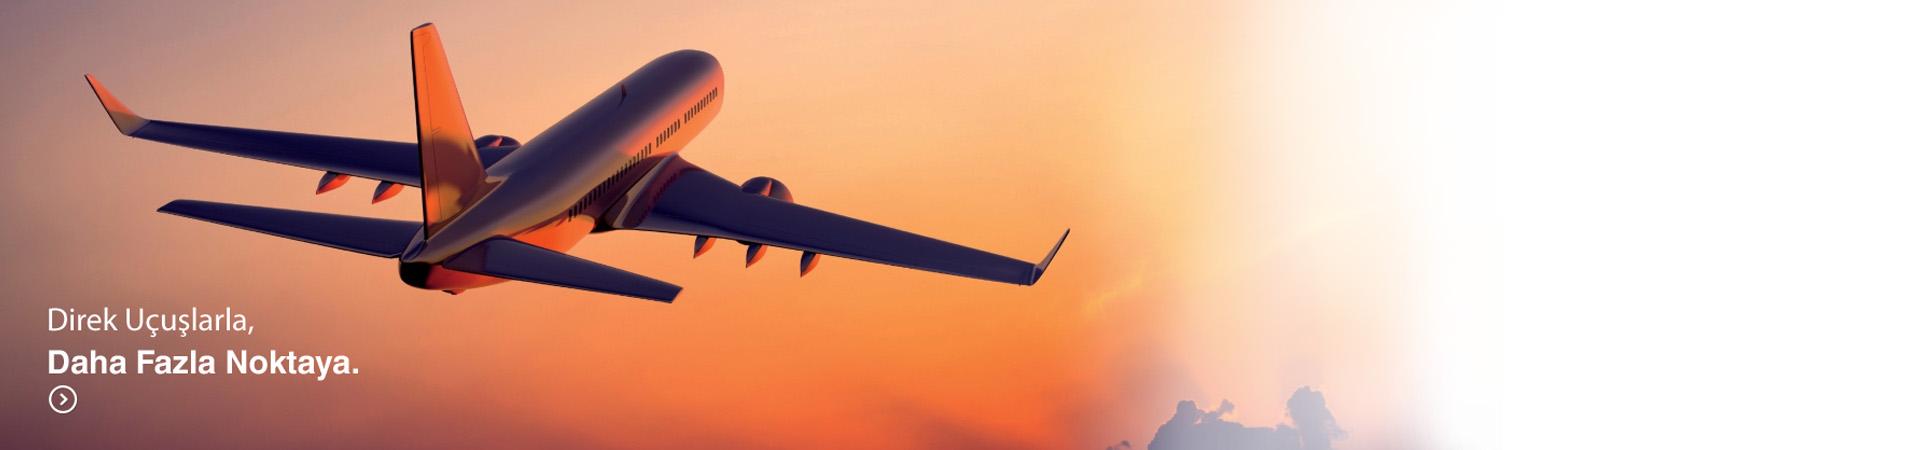 Direkt Uçuşlar